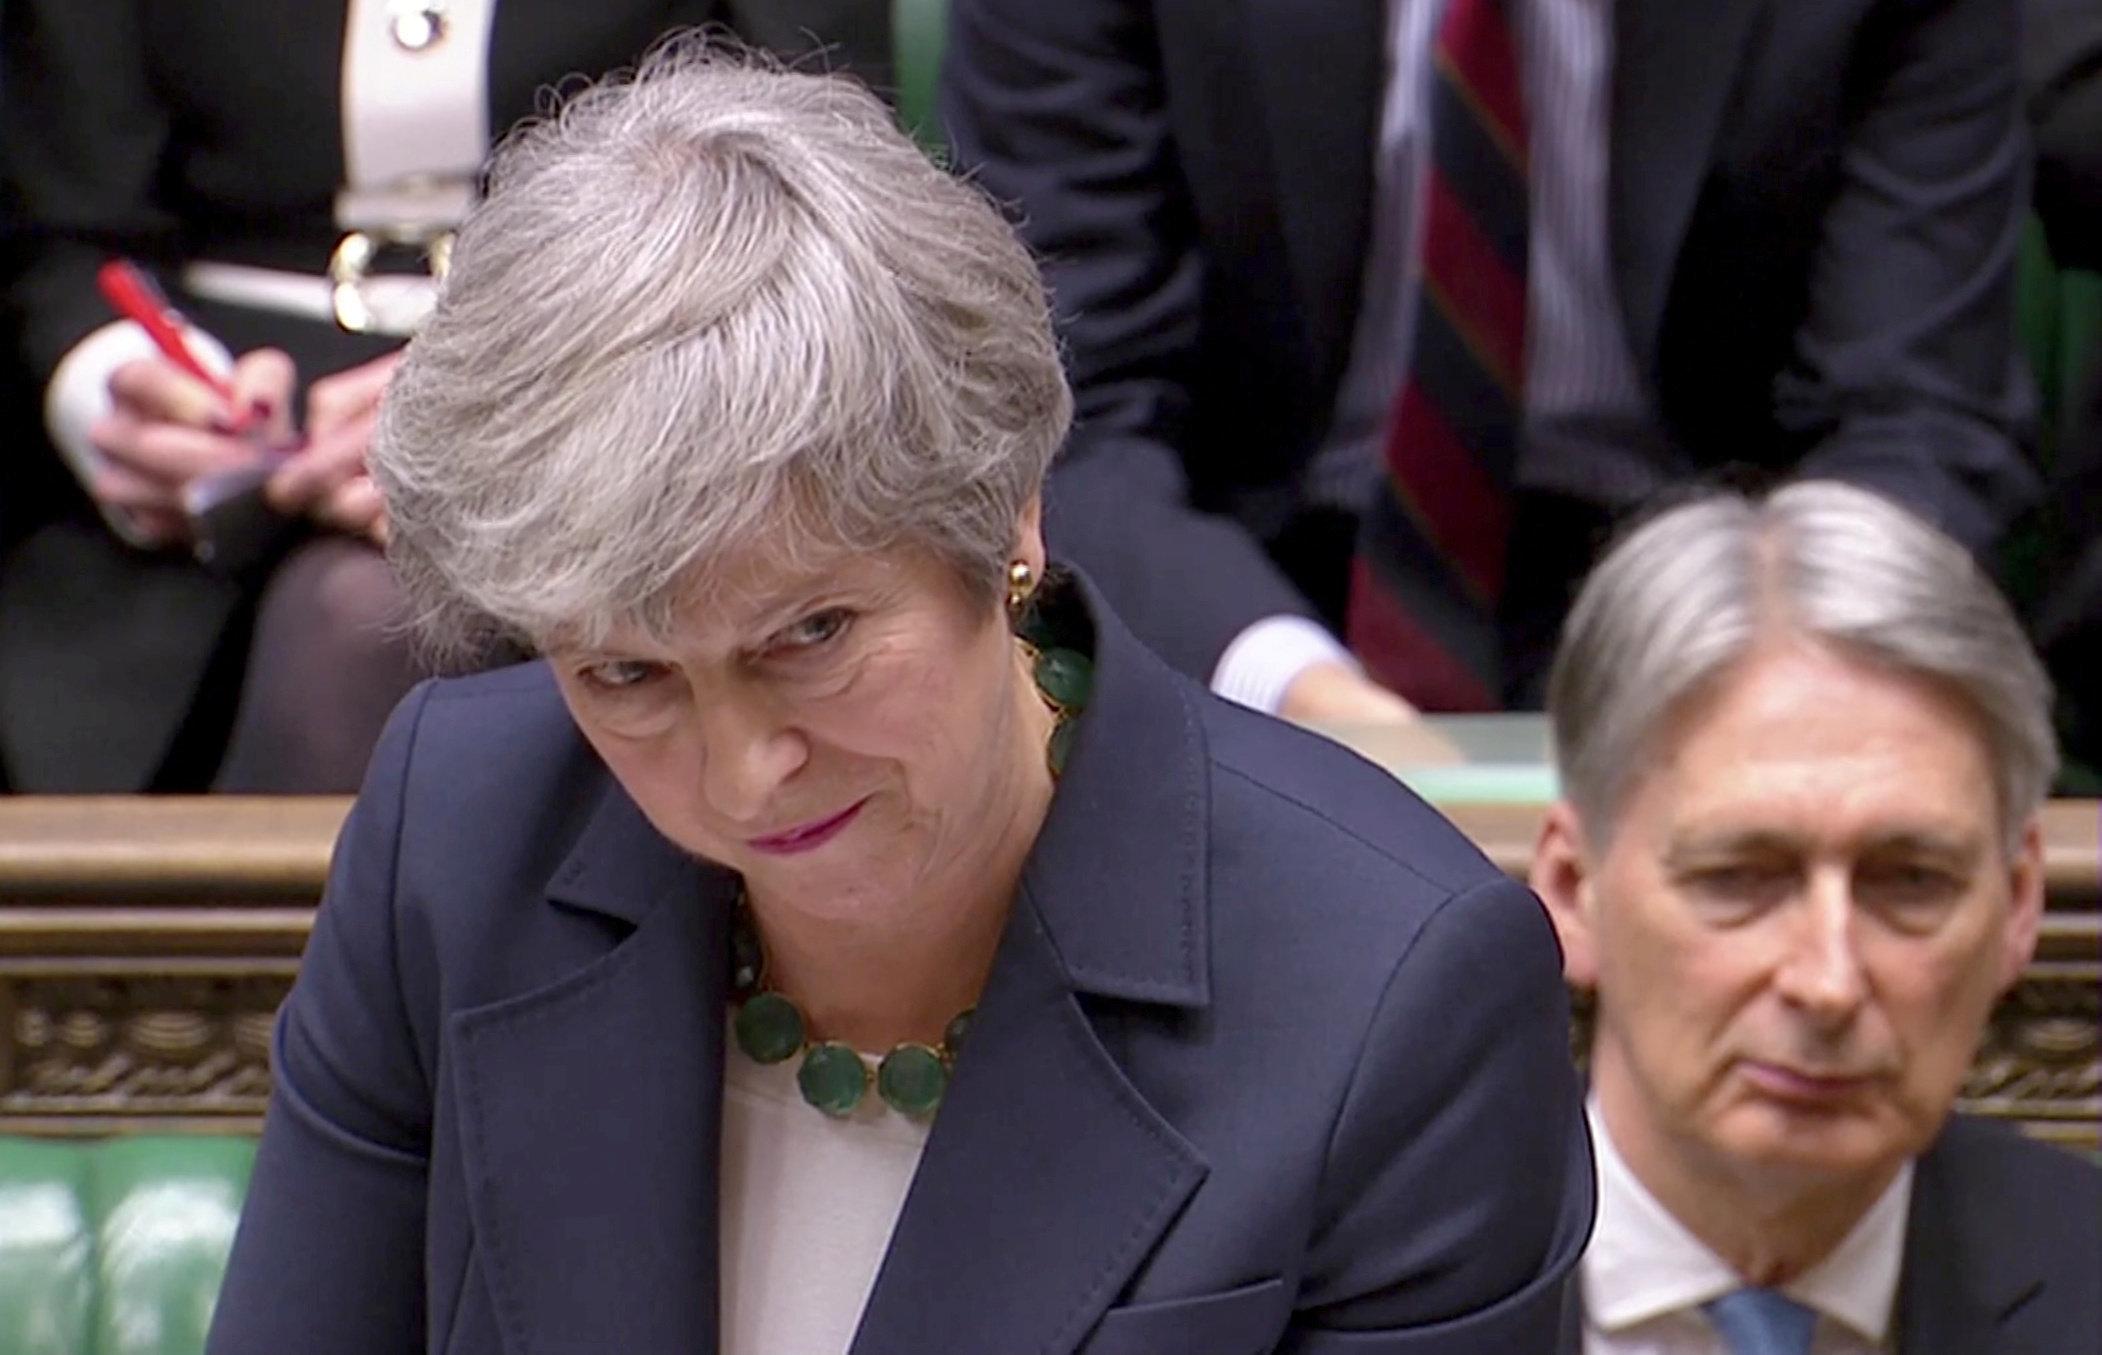 Η Βουλή των Κοινοτήτων παίρνει τον έλεγχο των διαδικασιών για το Brexit - Νέα ήττα της